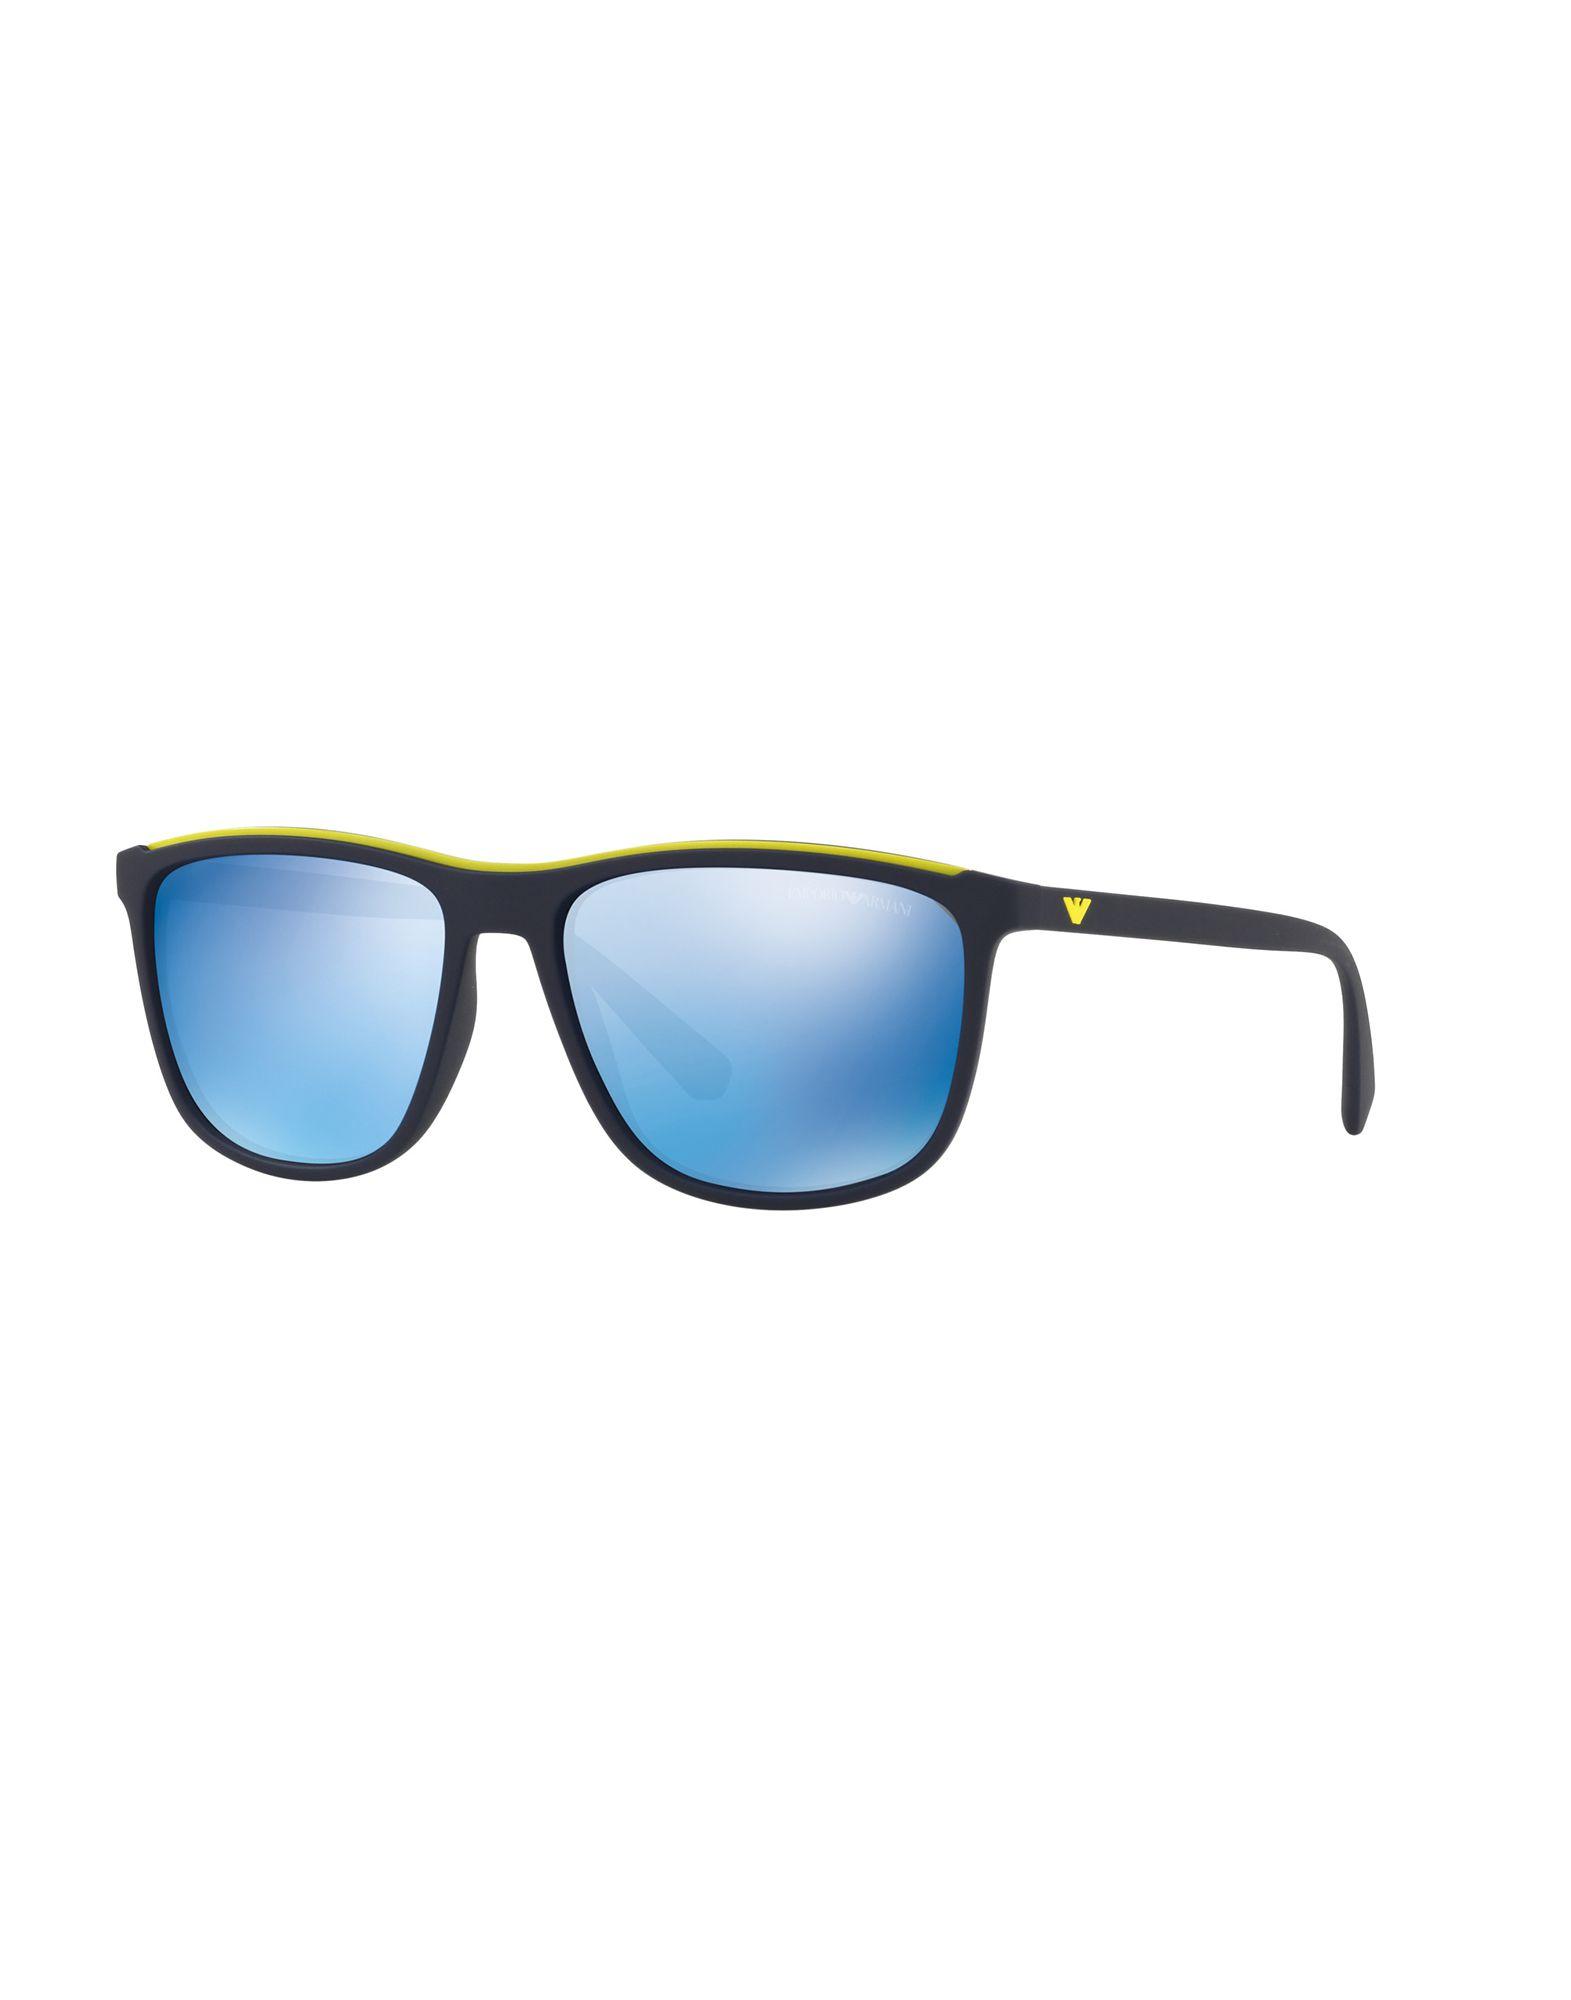 Occhiali Da Sole Emporio Armani Ea4109 - Uomo - Acquista online su